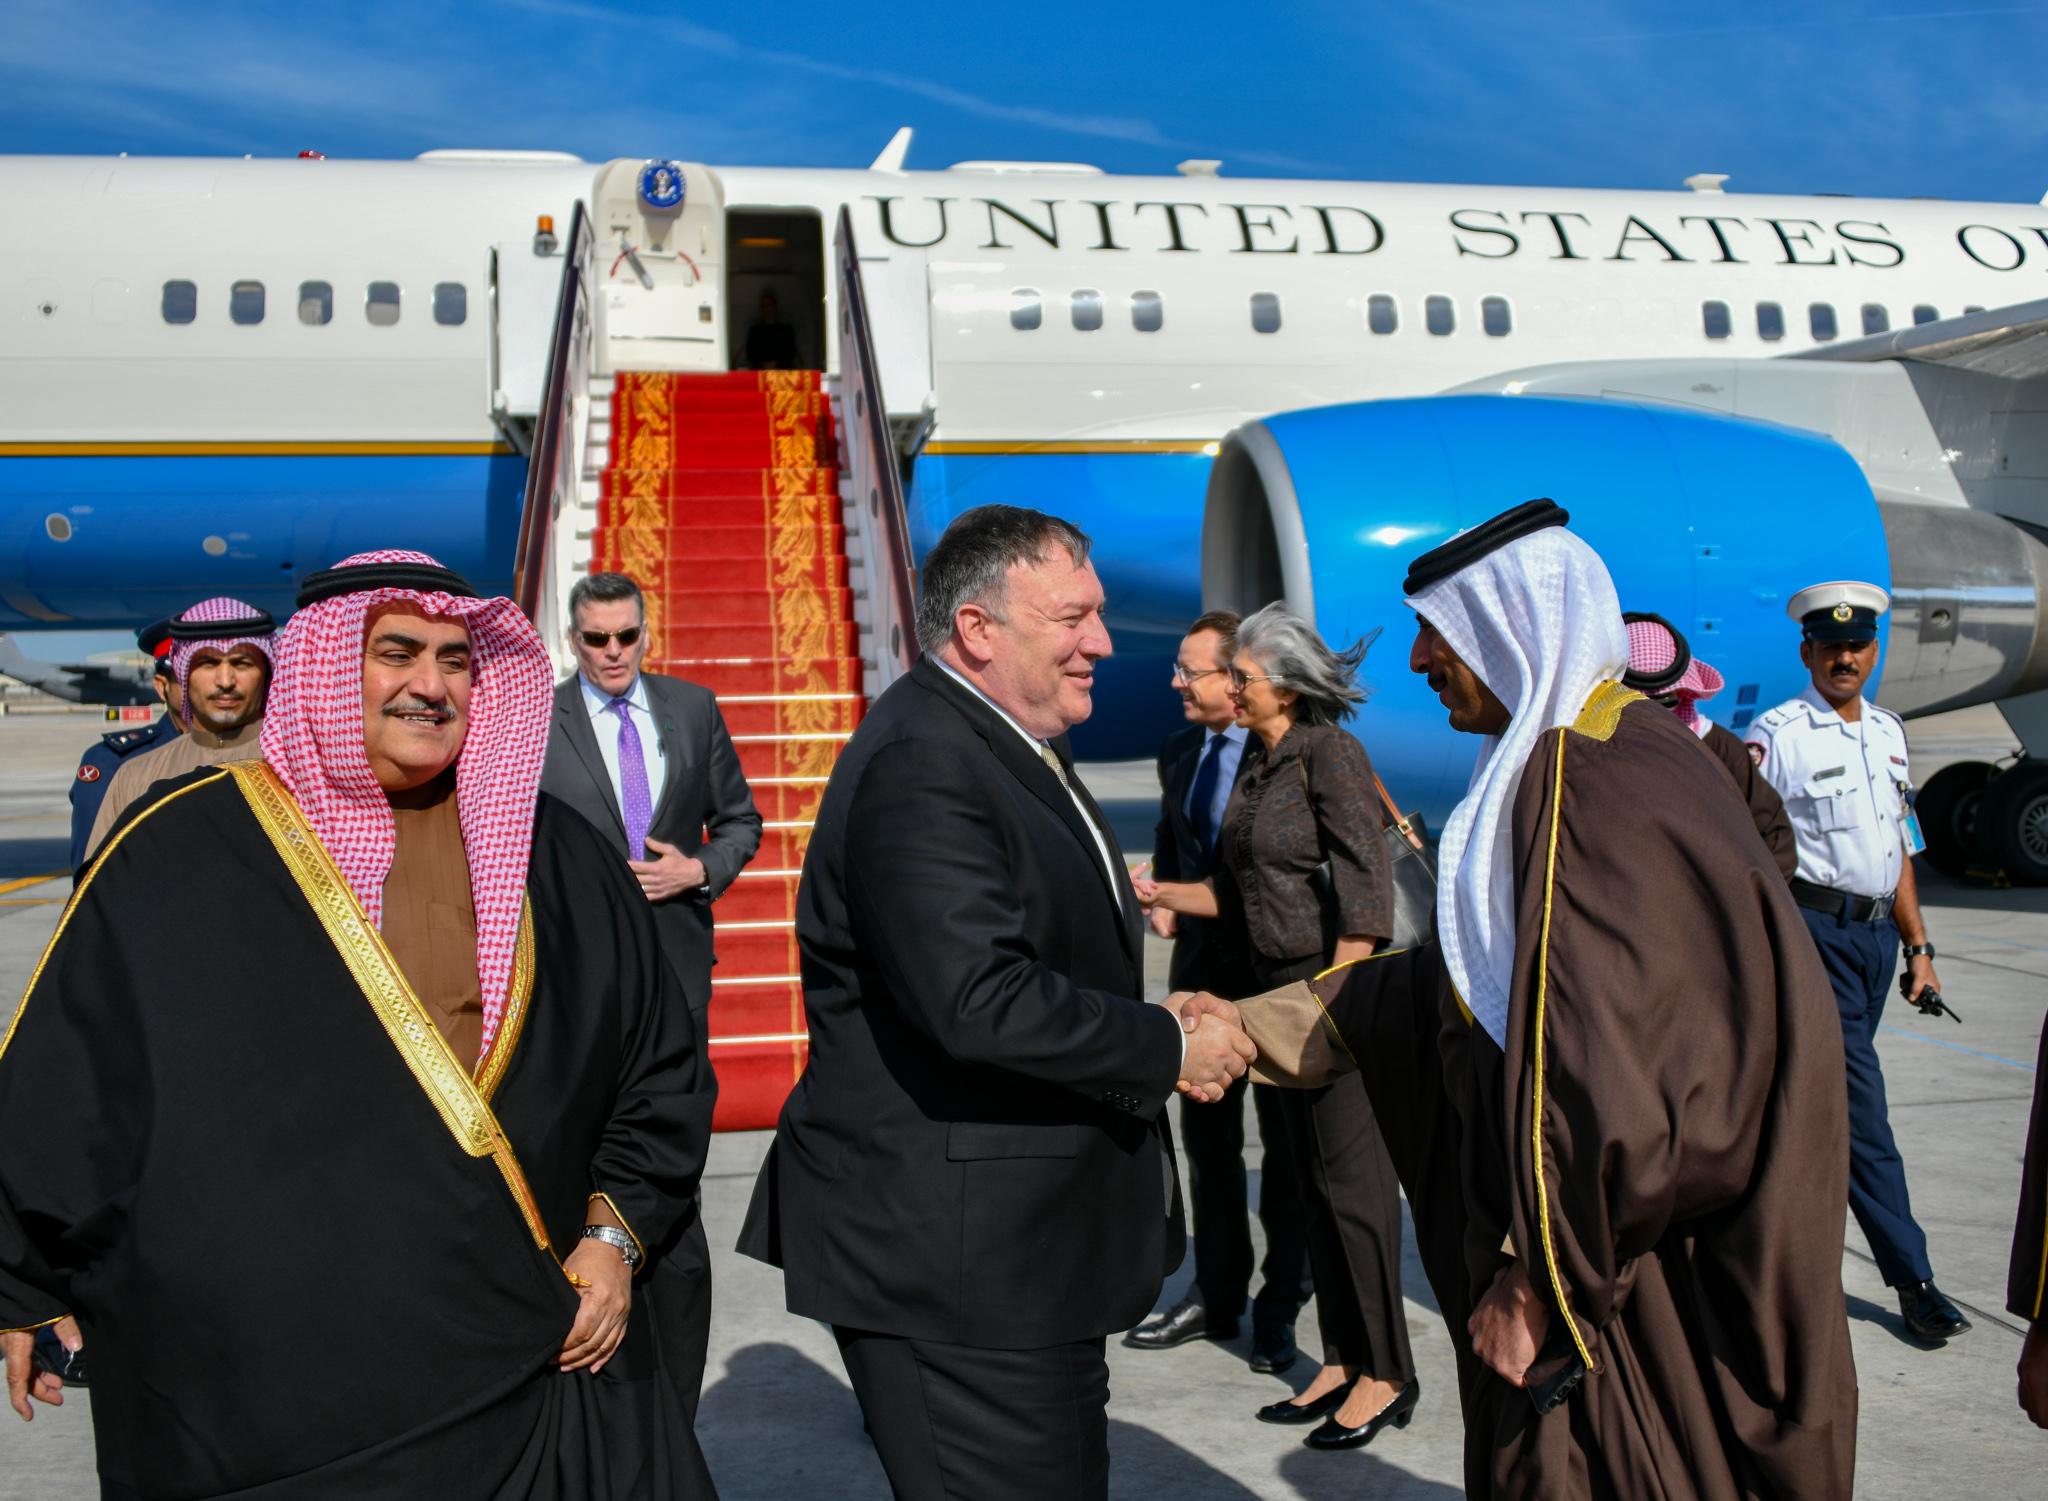 迈克·蓬佩奥抵达巴林时受到欢迎(美国国务院)